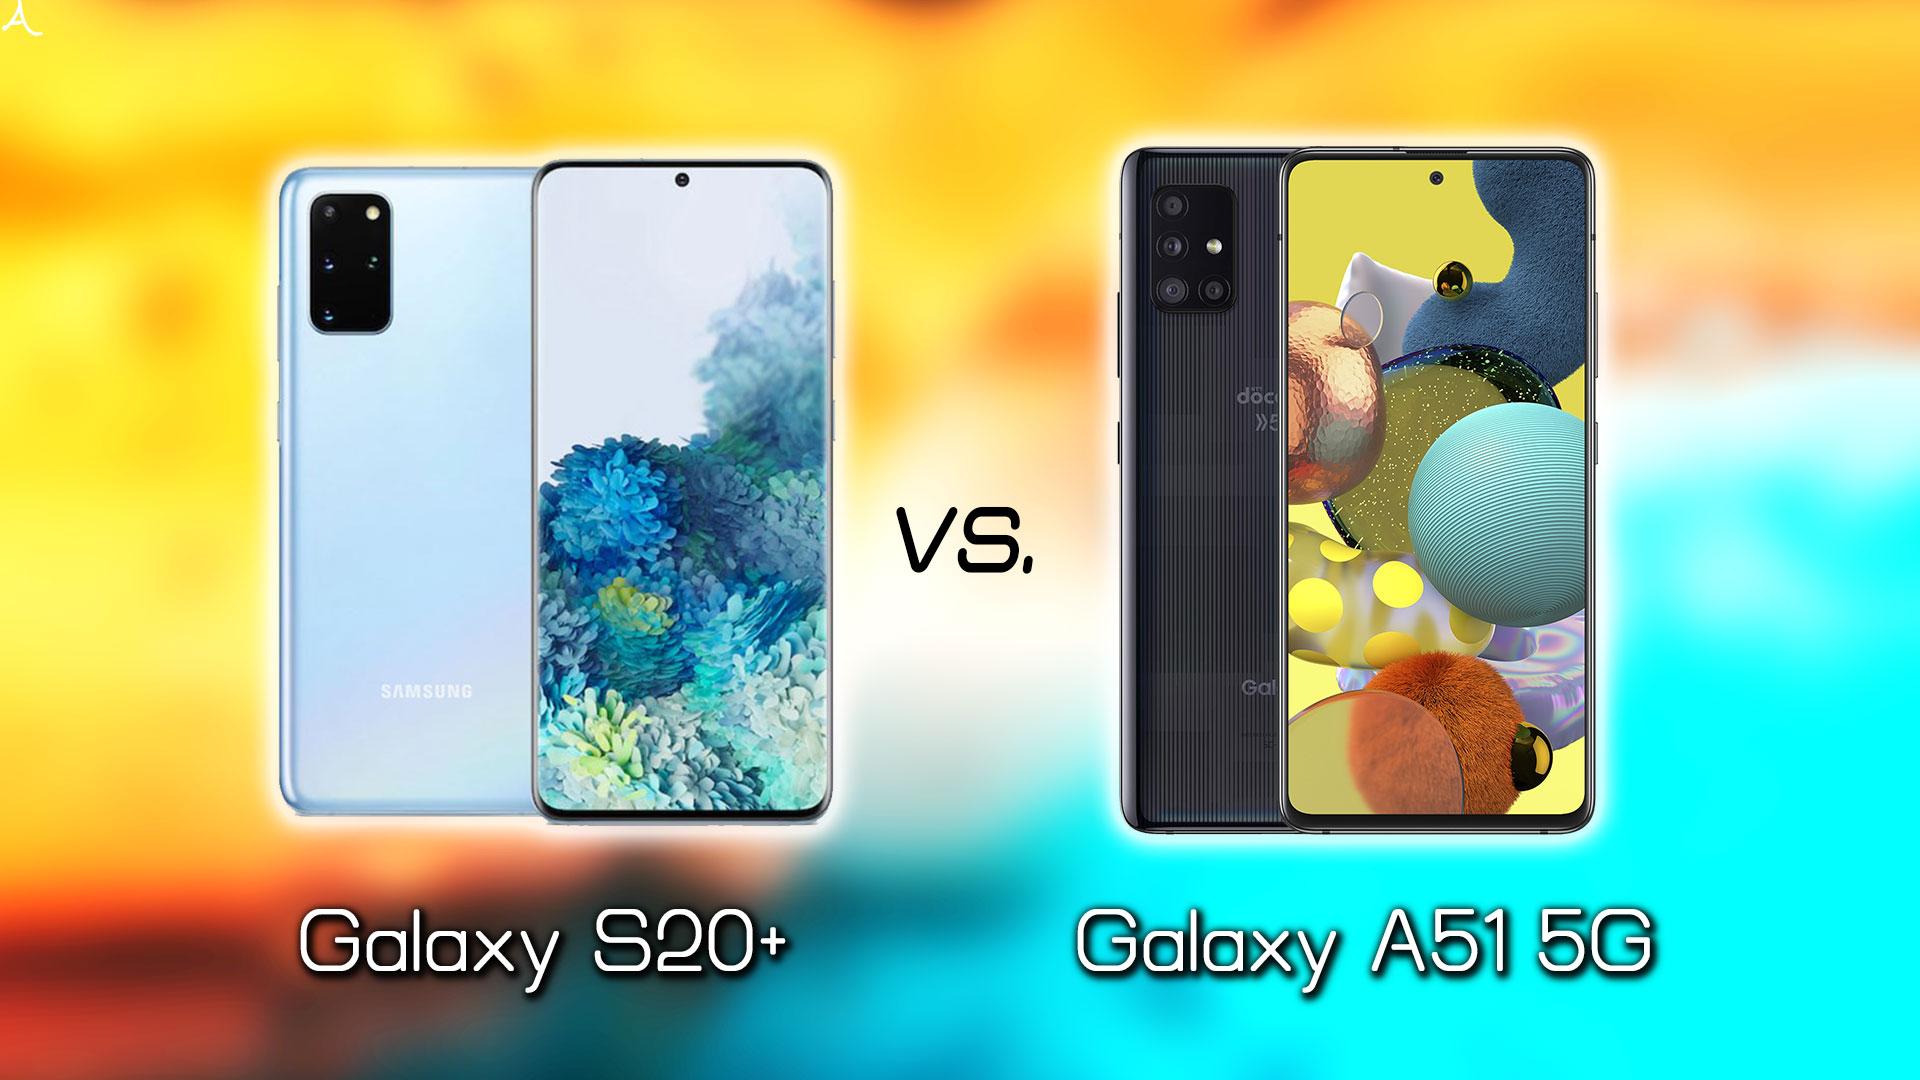 「Galaxy S20+(Plus)」と「Galaxy A51 5G」の違いを比較:どっちを買うべき?